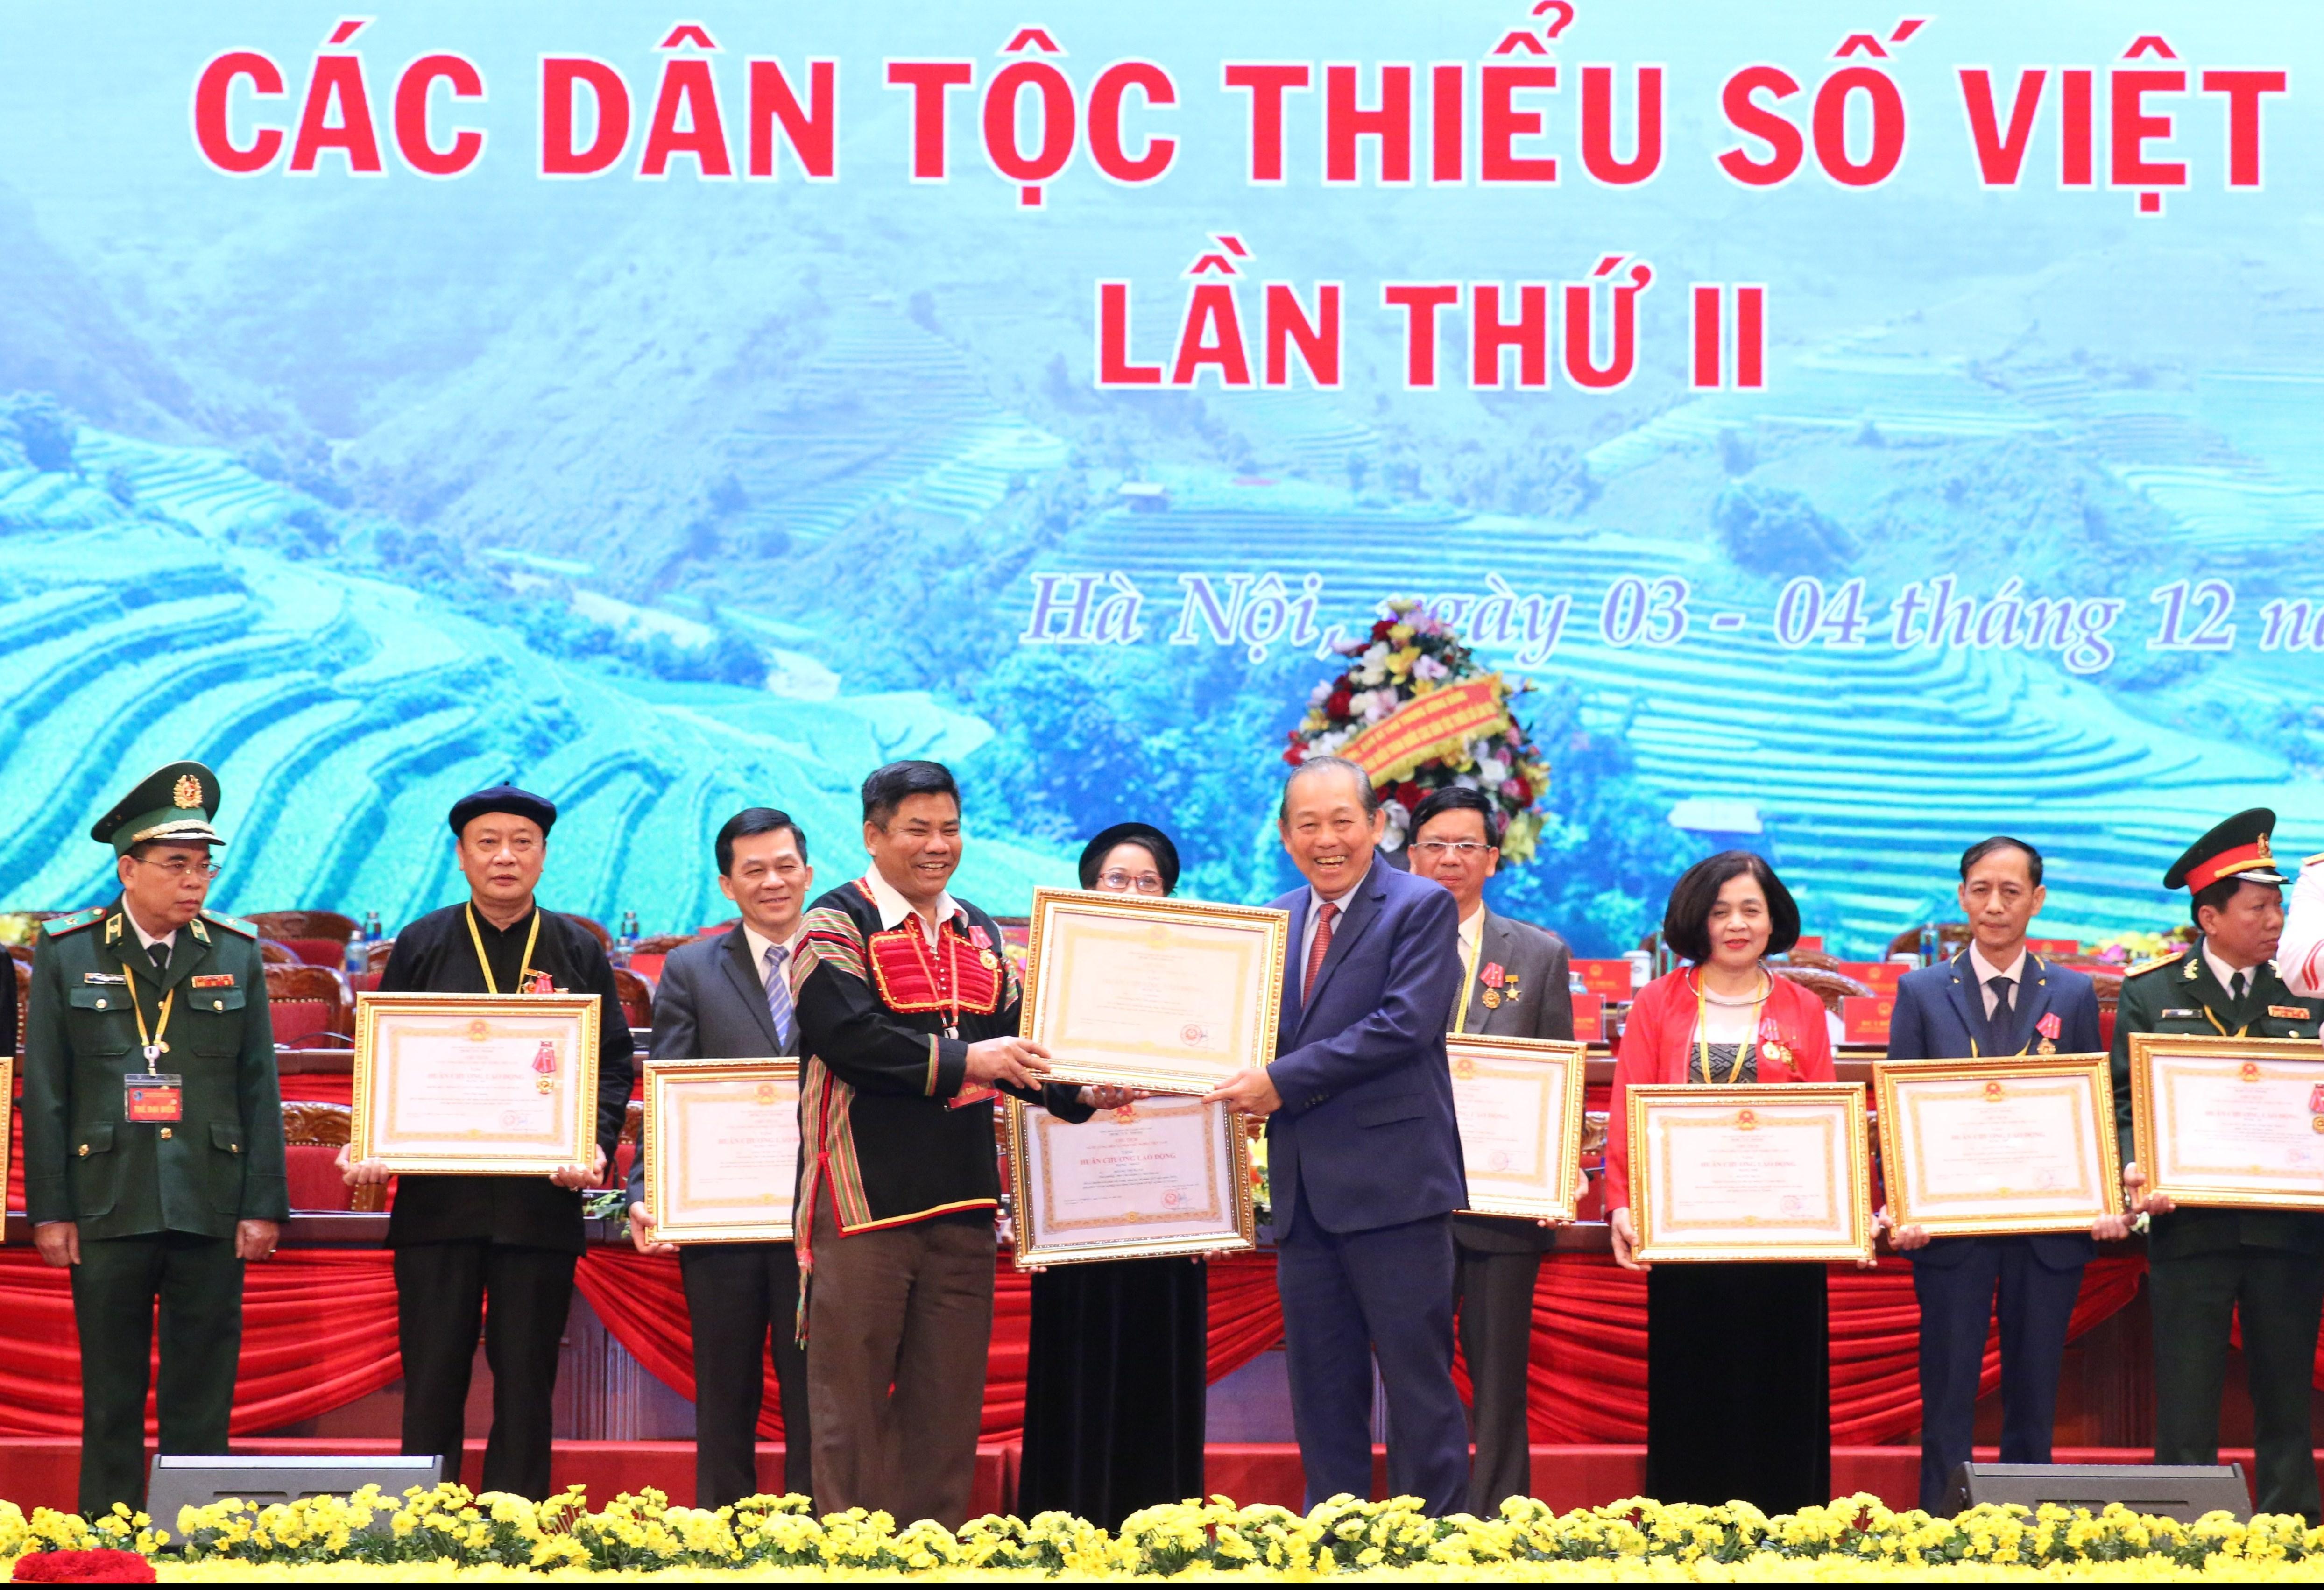 Phó Thủ tướng Thường trực Chính phủ Trương Hòa Bình trao tặng Huân chương lao động hạng Ba cho Thứ trưởng, Phó Chủ nhiệm UBDT Y Thông